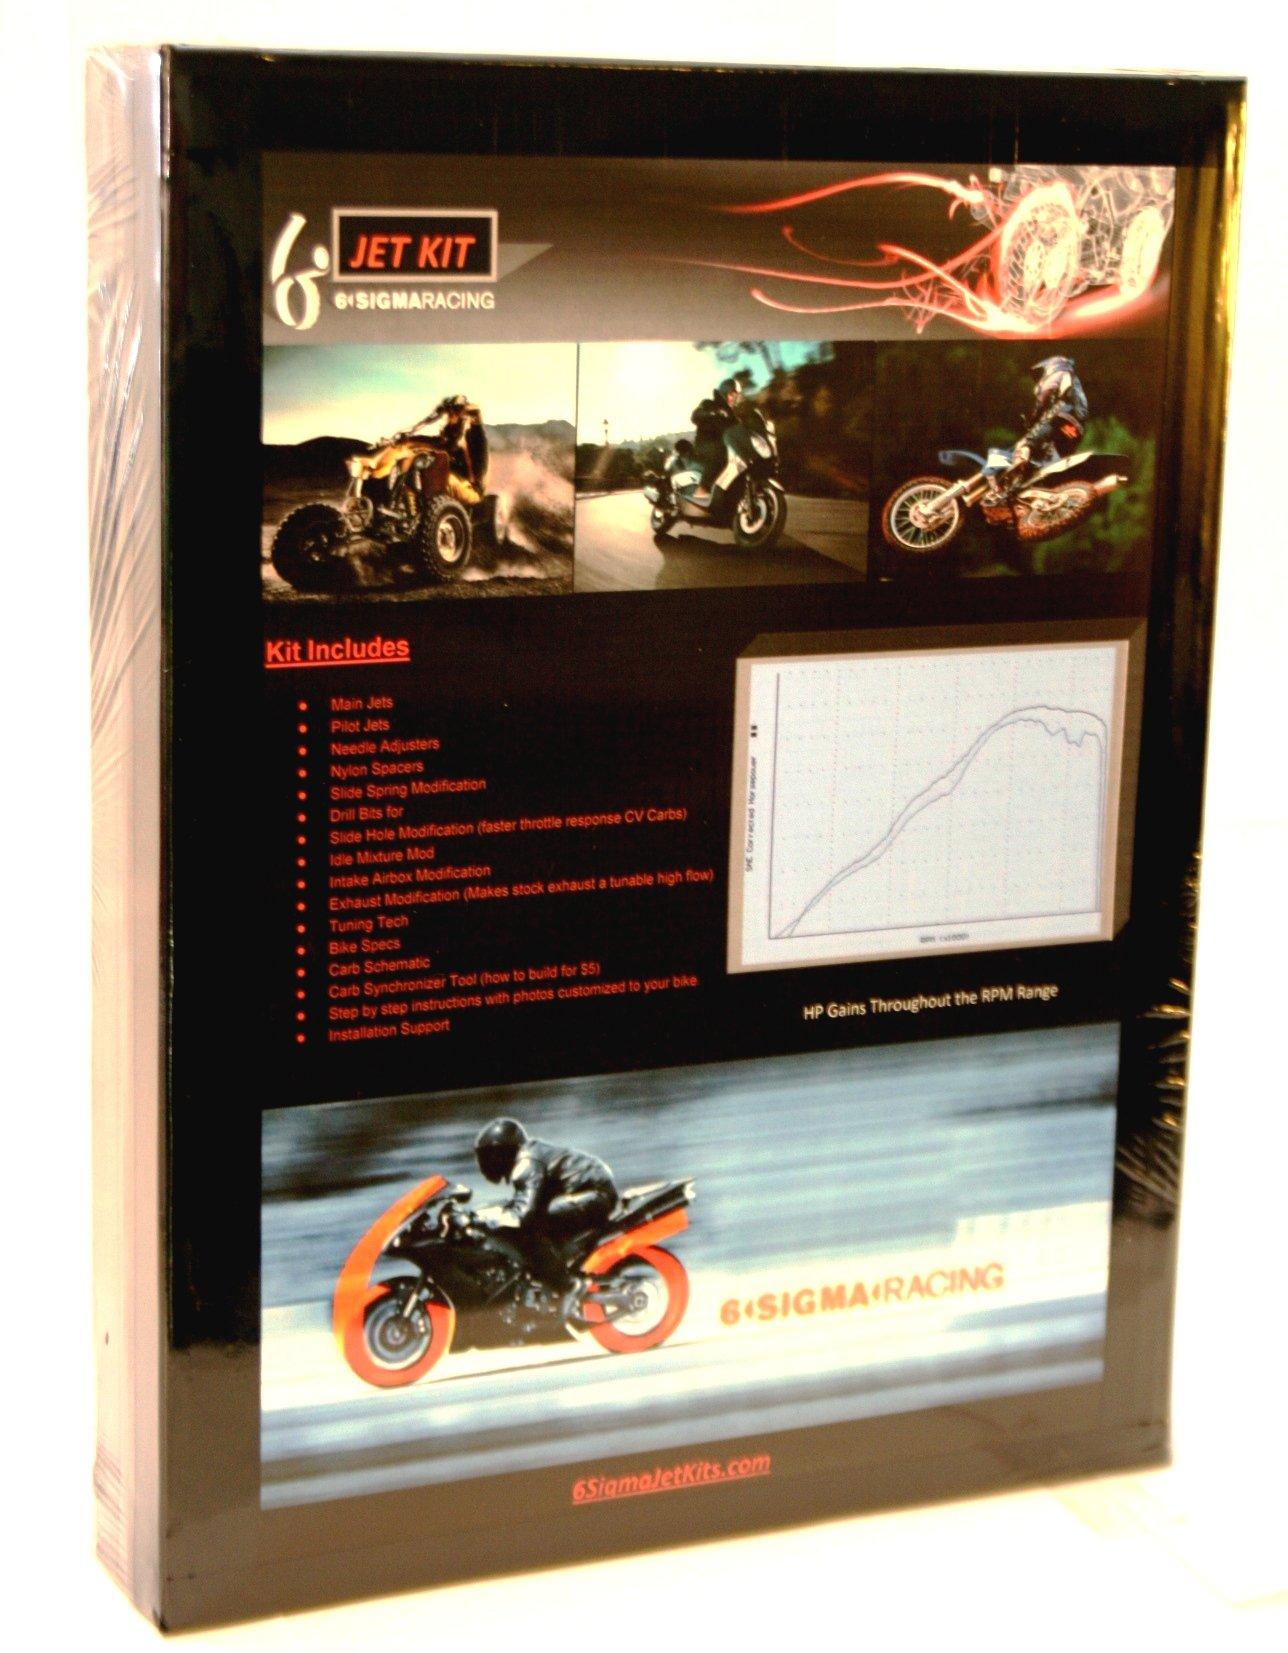 Beta 300RR 300 RR 2T Dual Sport Enduro Carburetor Jetting Carb Stage 1-3 Jet Kit